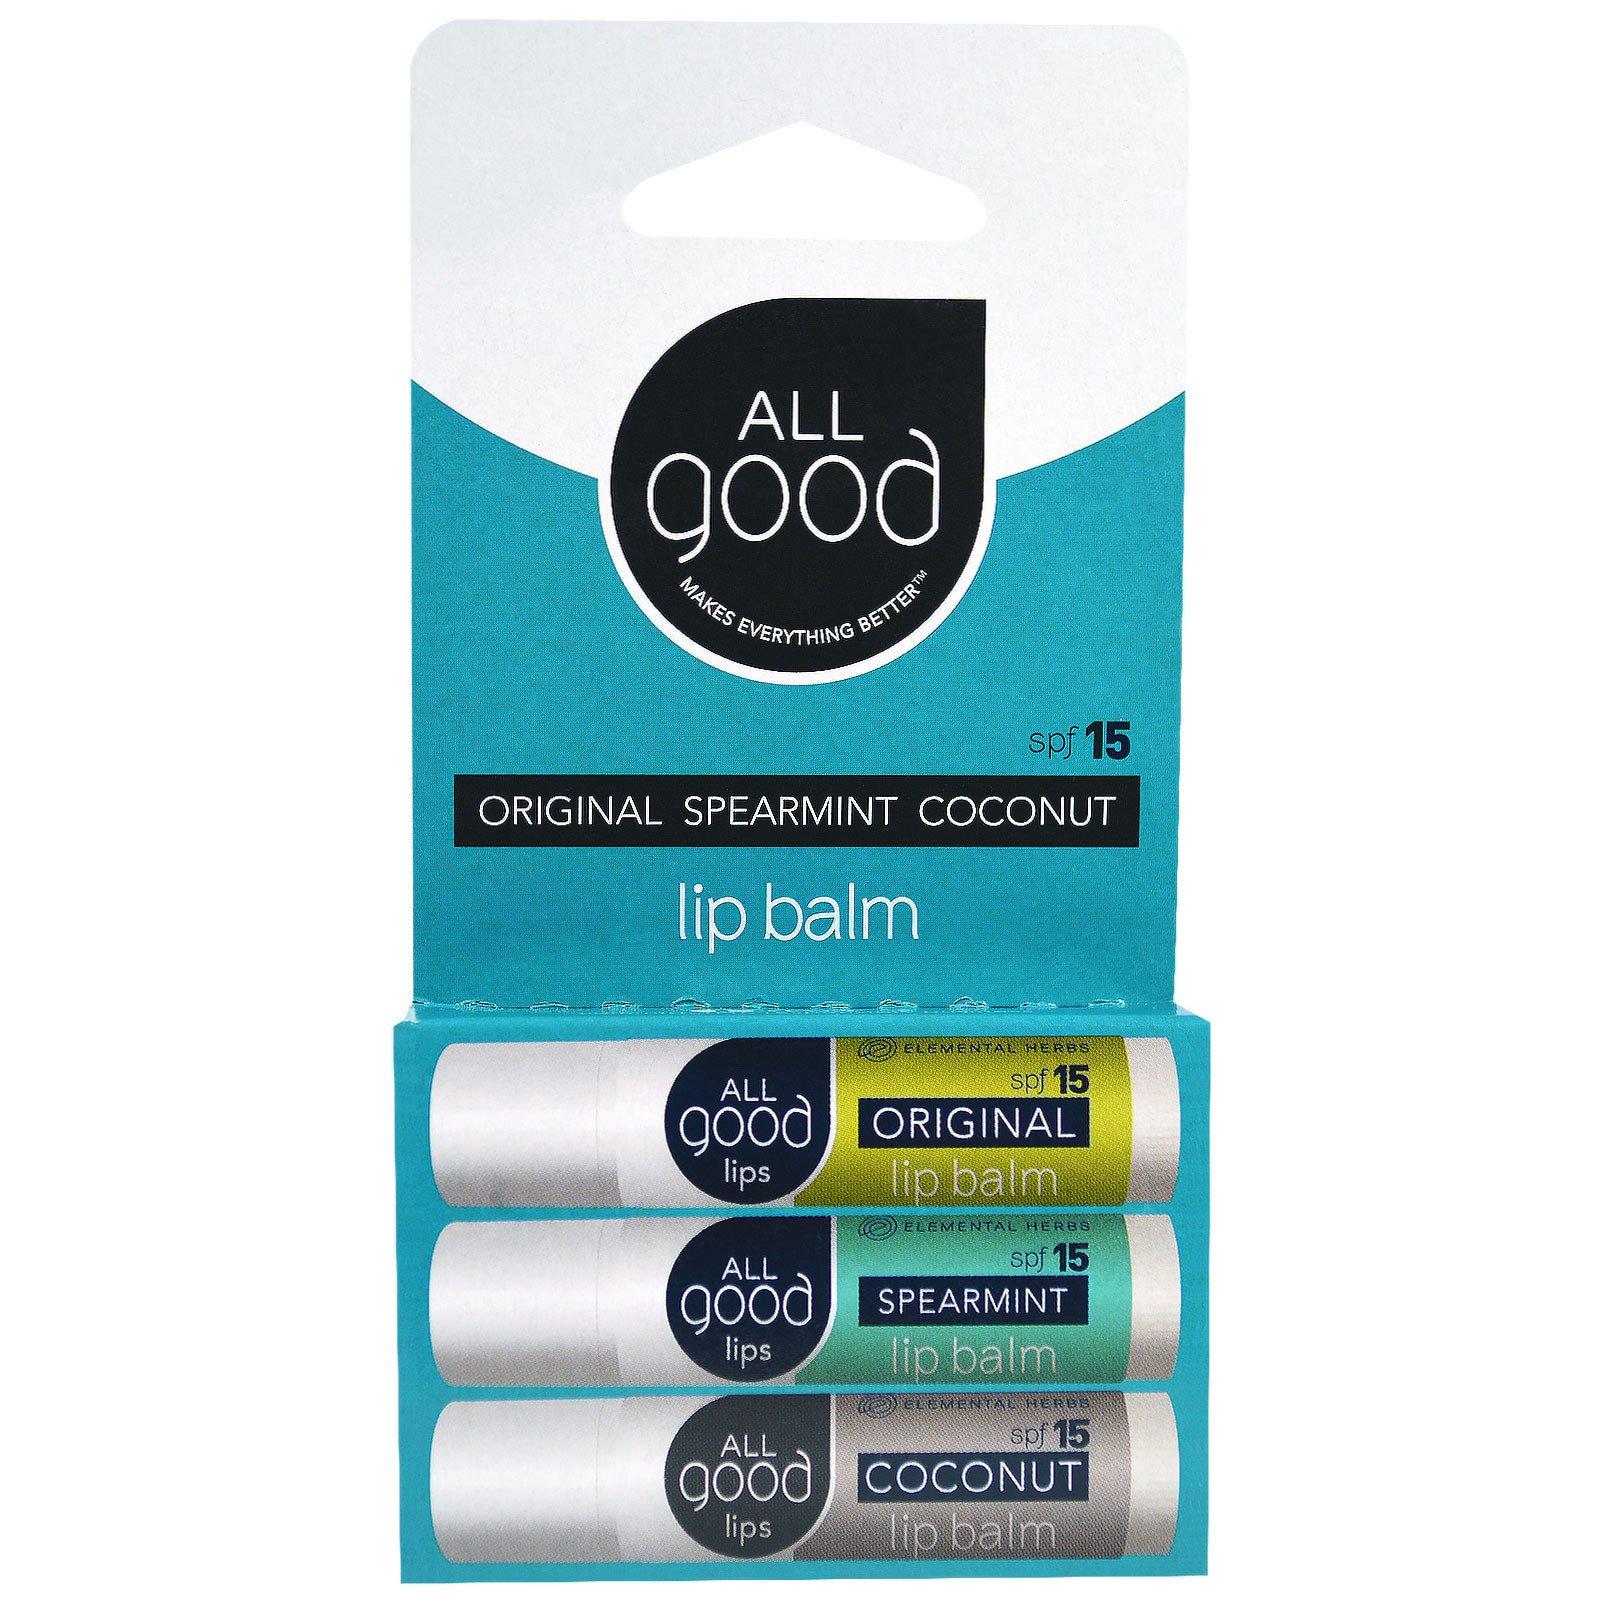 All Good Products, Бальзам для губ, SPF 15, оригинальный, мята, кокос, 3 шт., по 4,25 г каждый